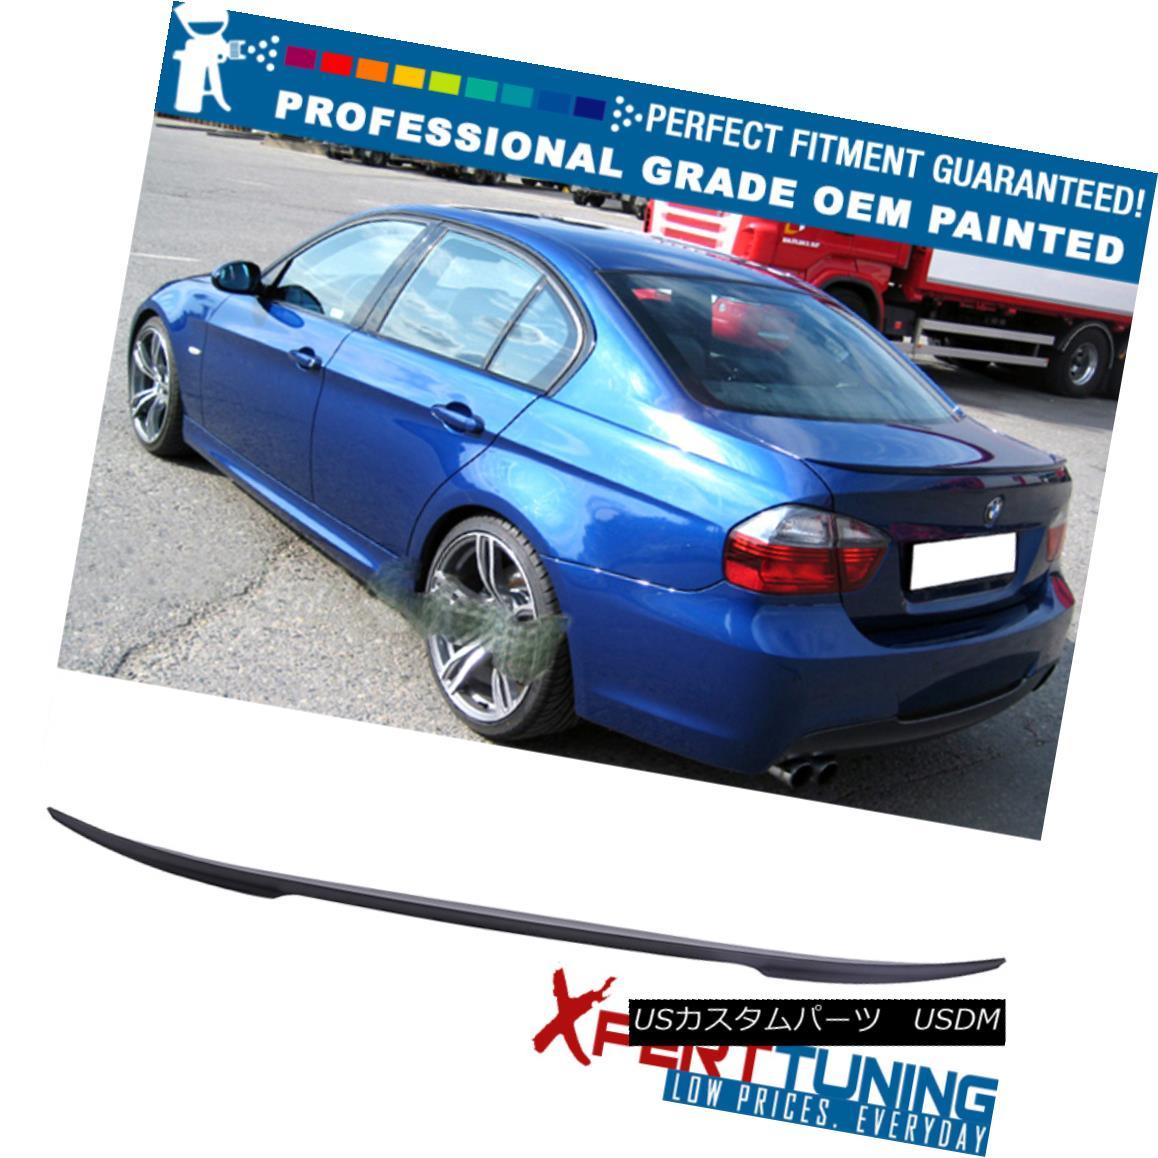 エアロパーツ 06-11 E90 Painted Performance 2 Style Trunk Spoiler - OEM Painted Color 06-11 E90塗装されたパフォーマンス2スタイルのトランク・スポイラー - OEM塗装カラー